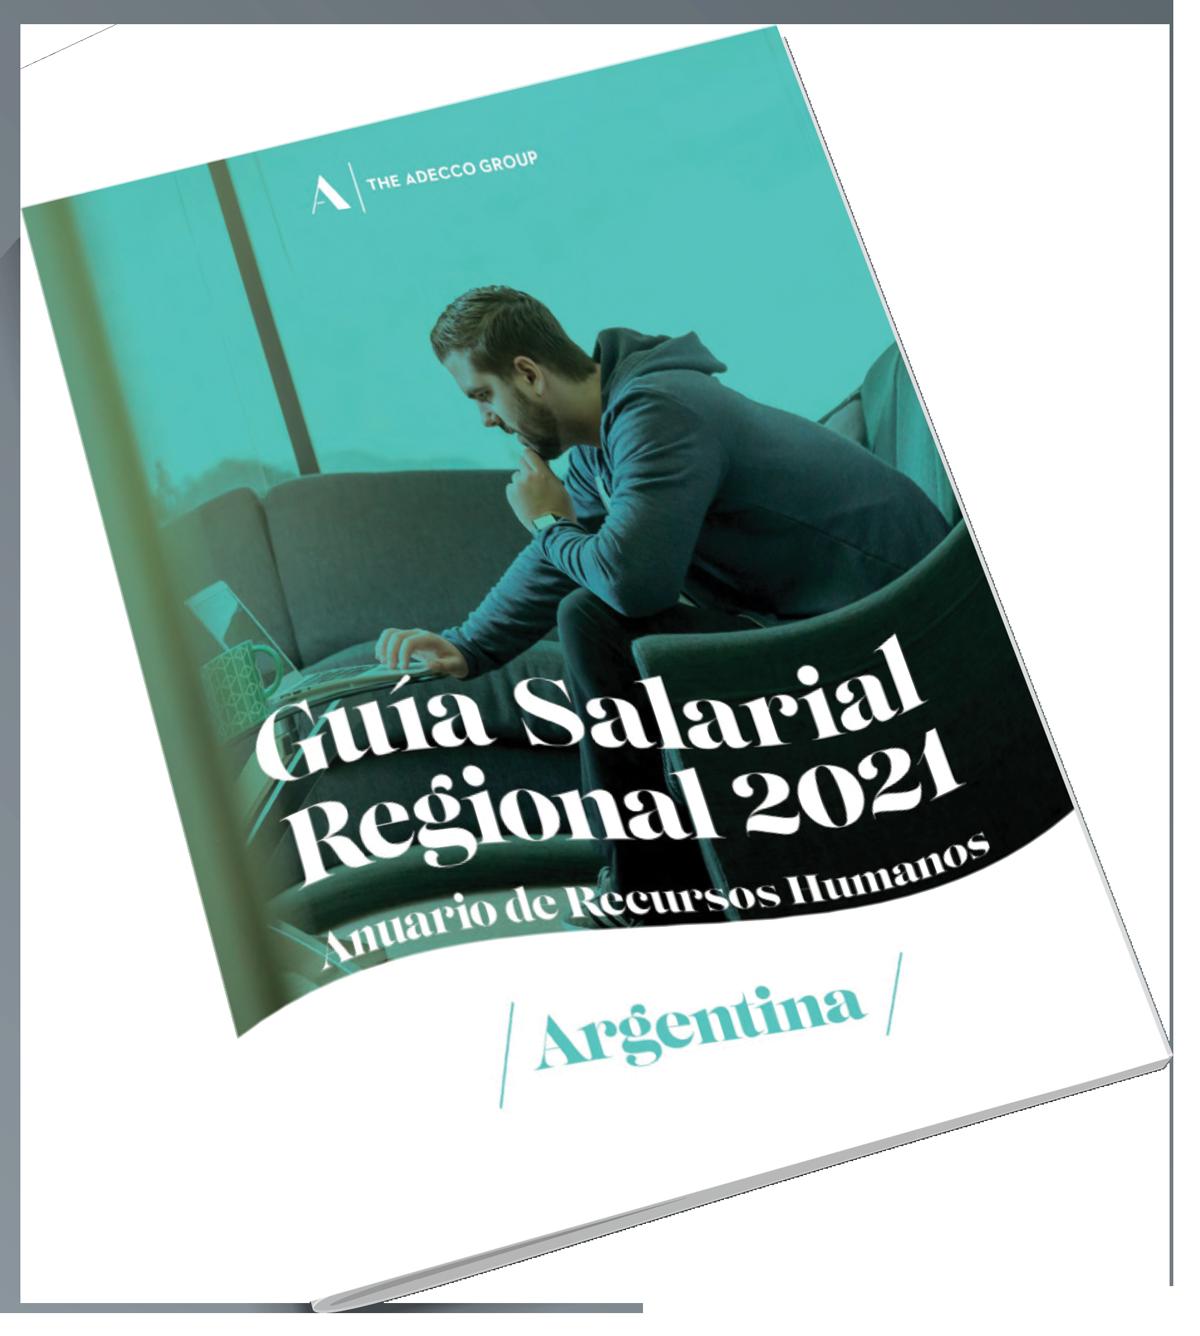 Guía Salarial Regional 2021 de Argentina